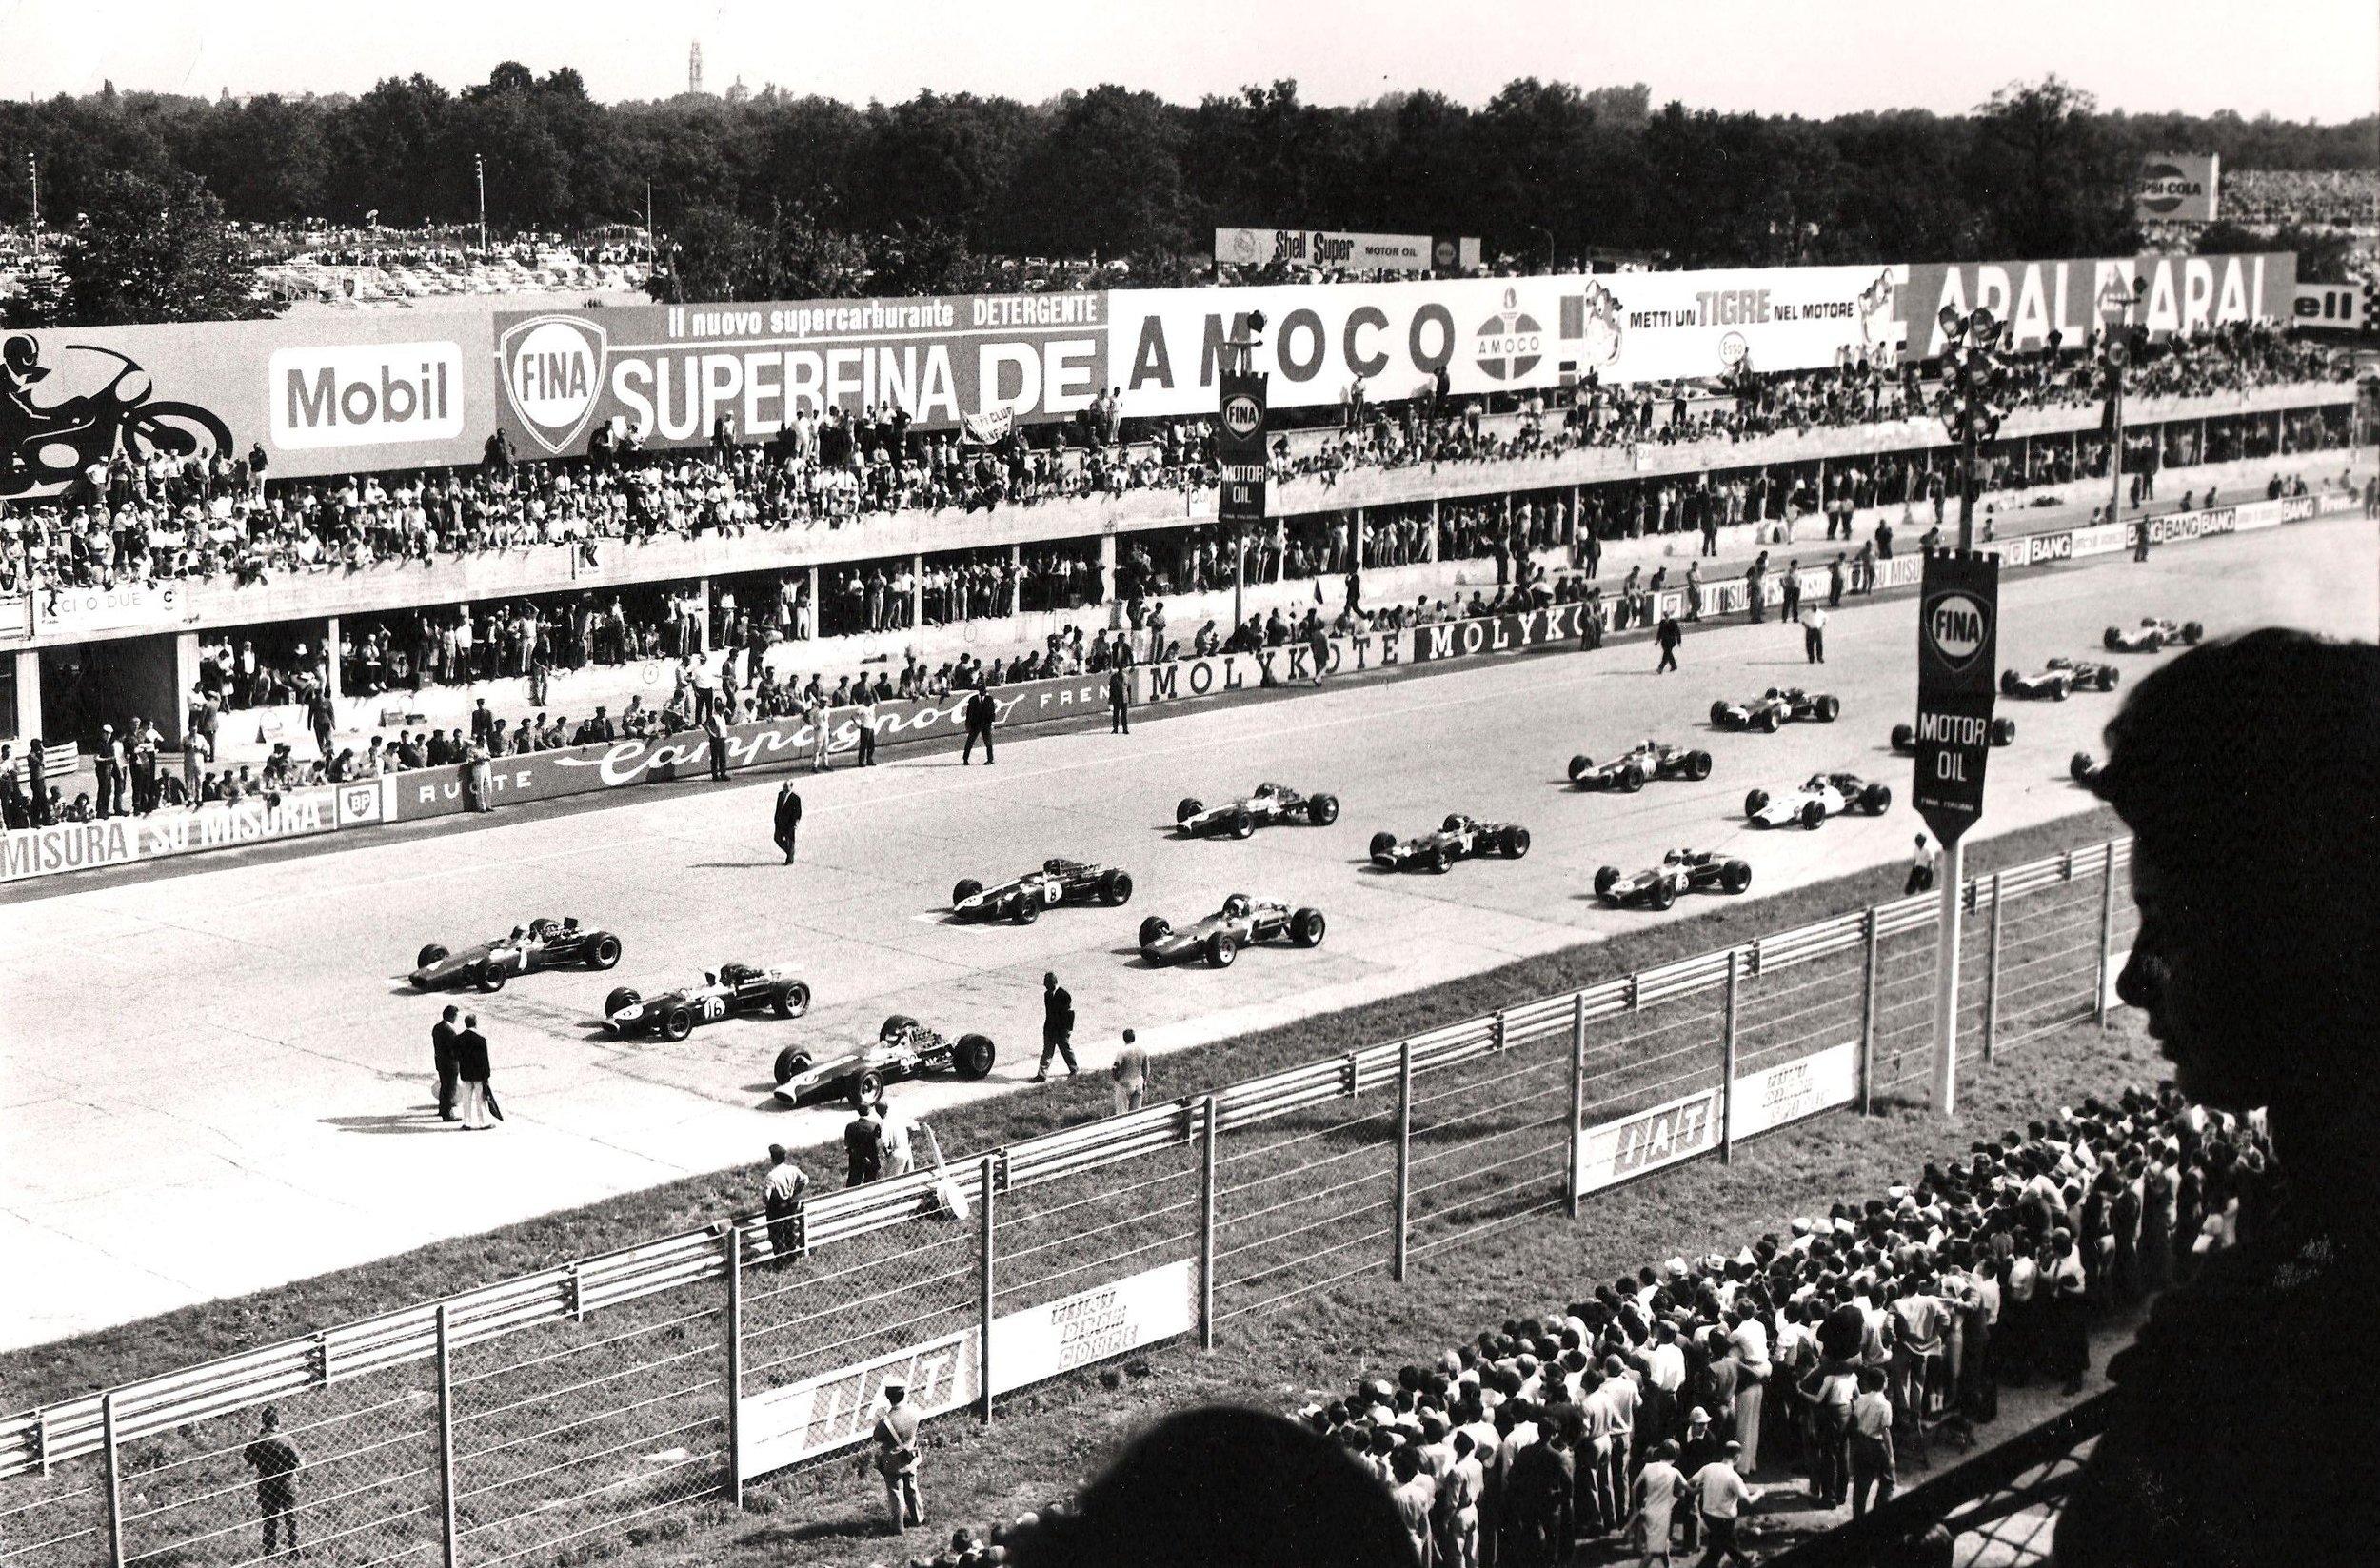 001 Monza orig.jpg